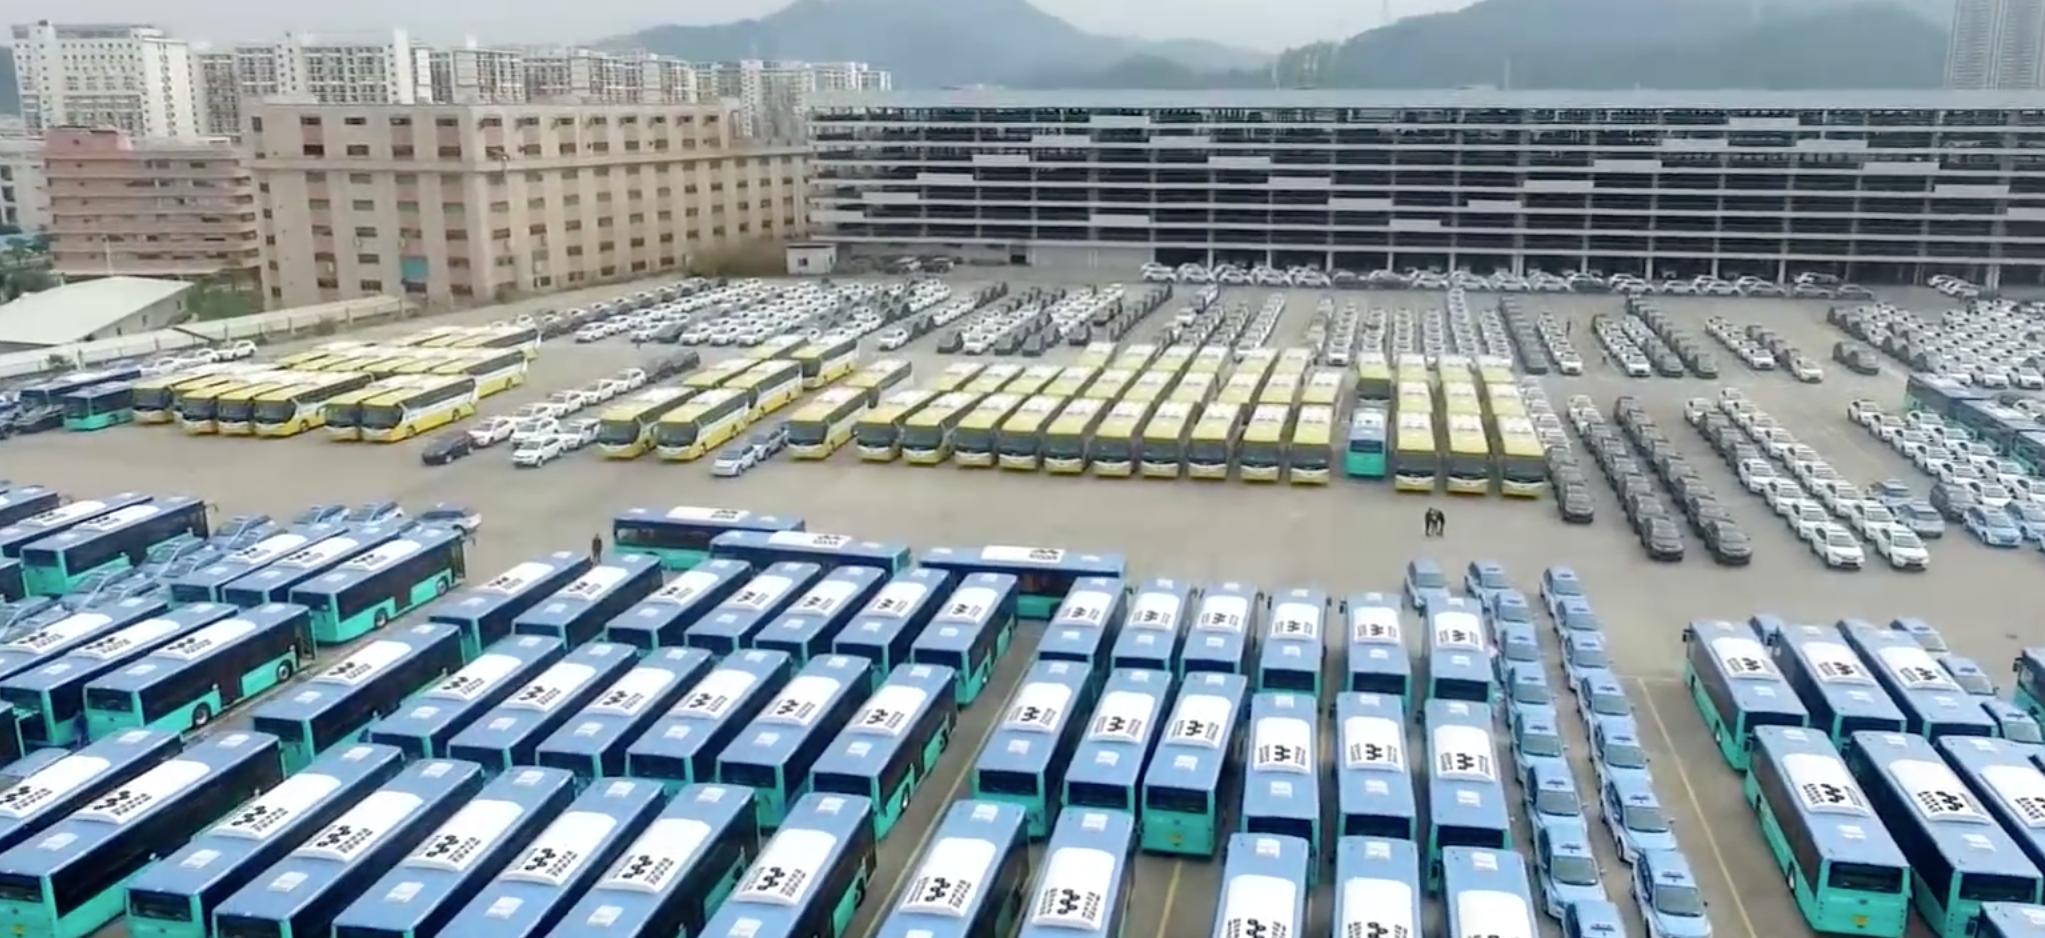 中国这个城市的电动公交车超过了美国所有大城市